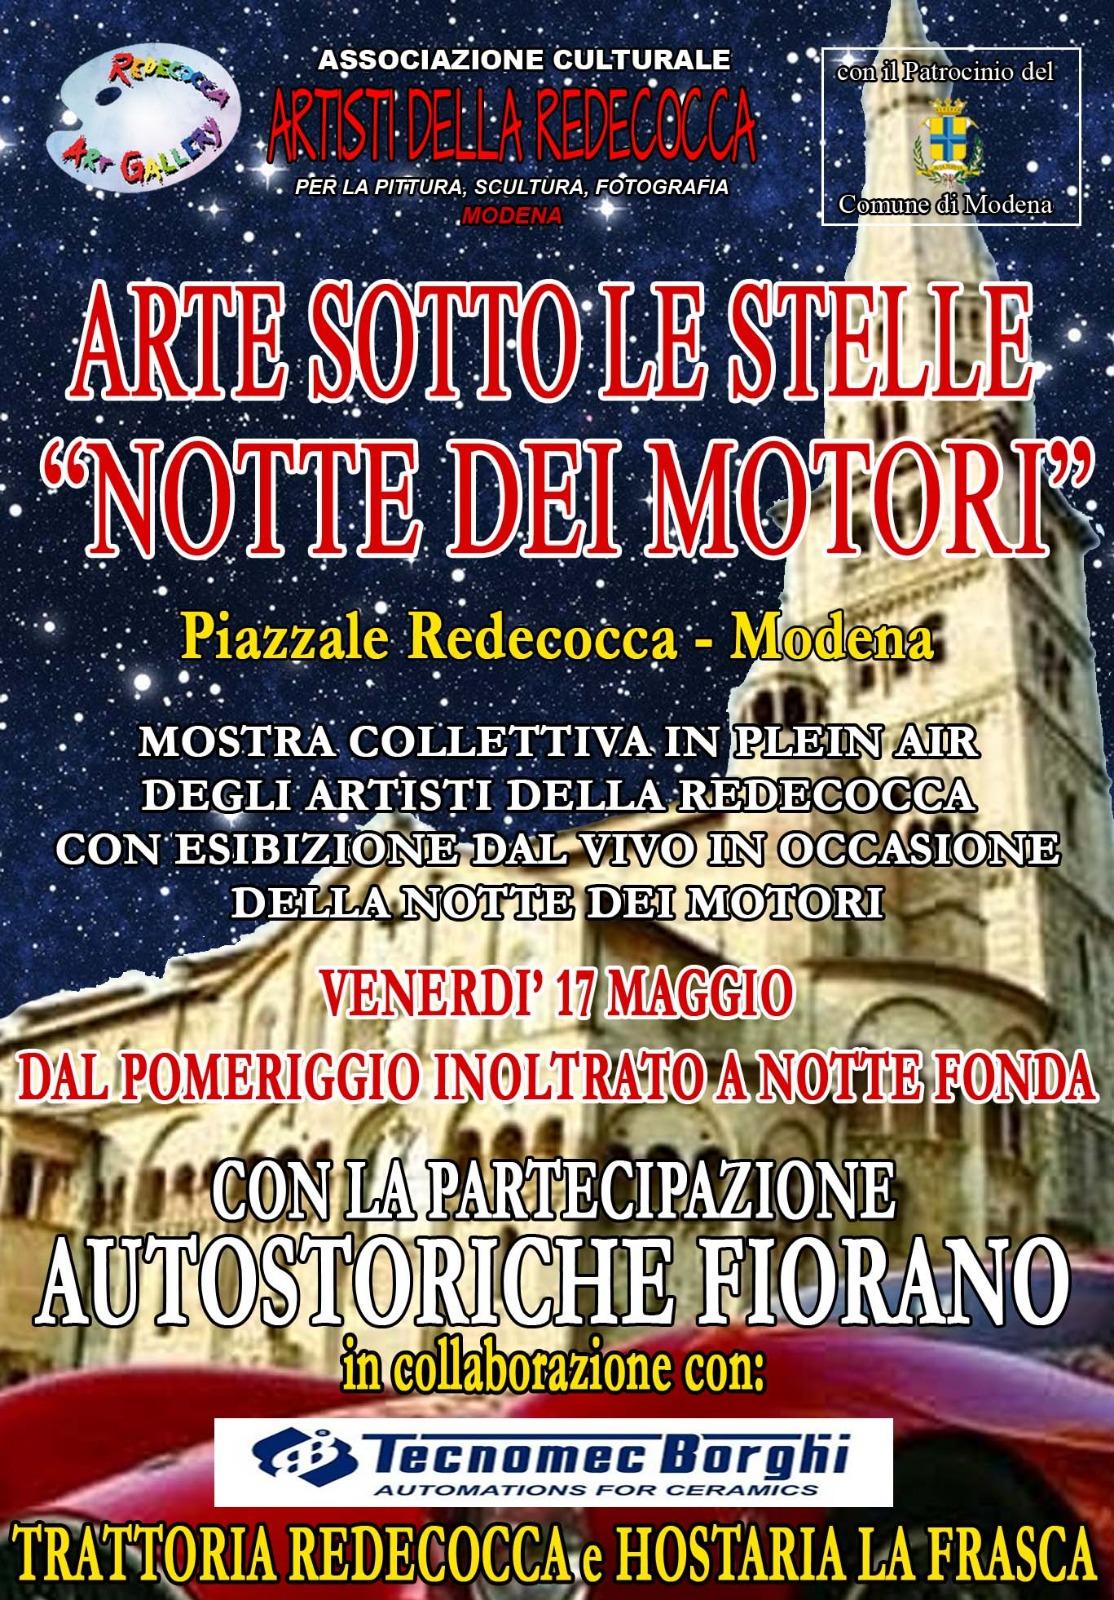 Venerdì 17 Maggio 2019 – Piazzale Redecocca, Modena (MO)